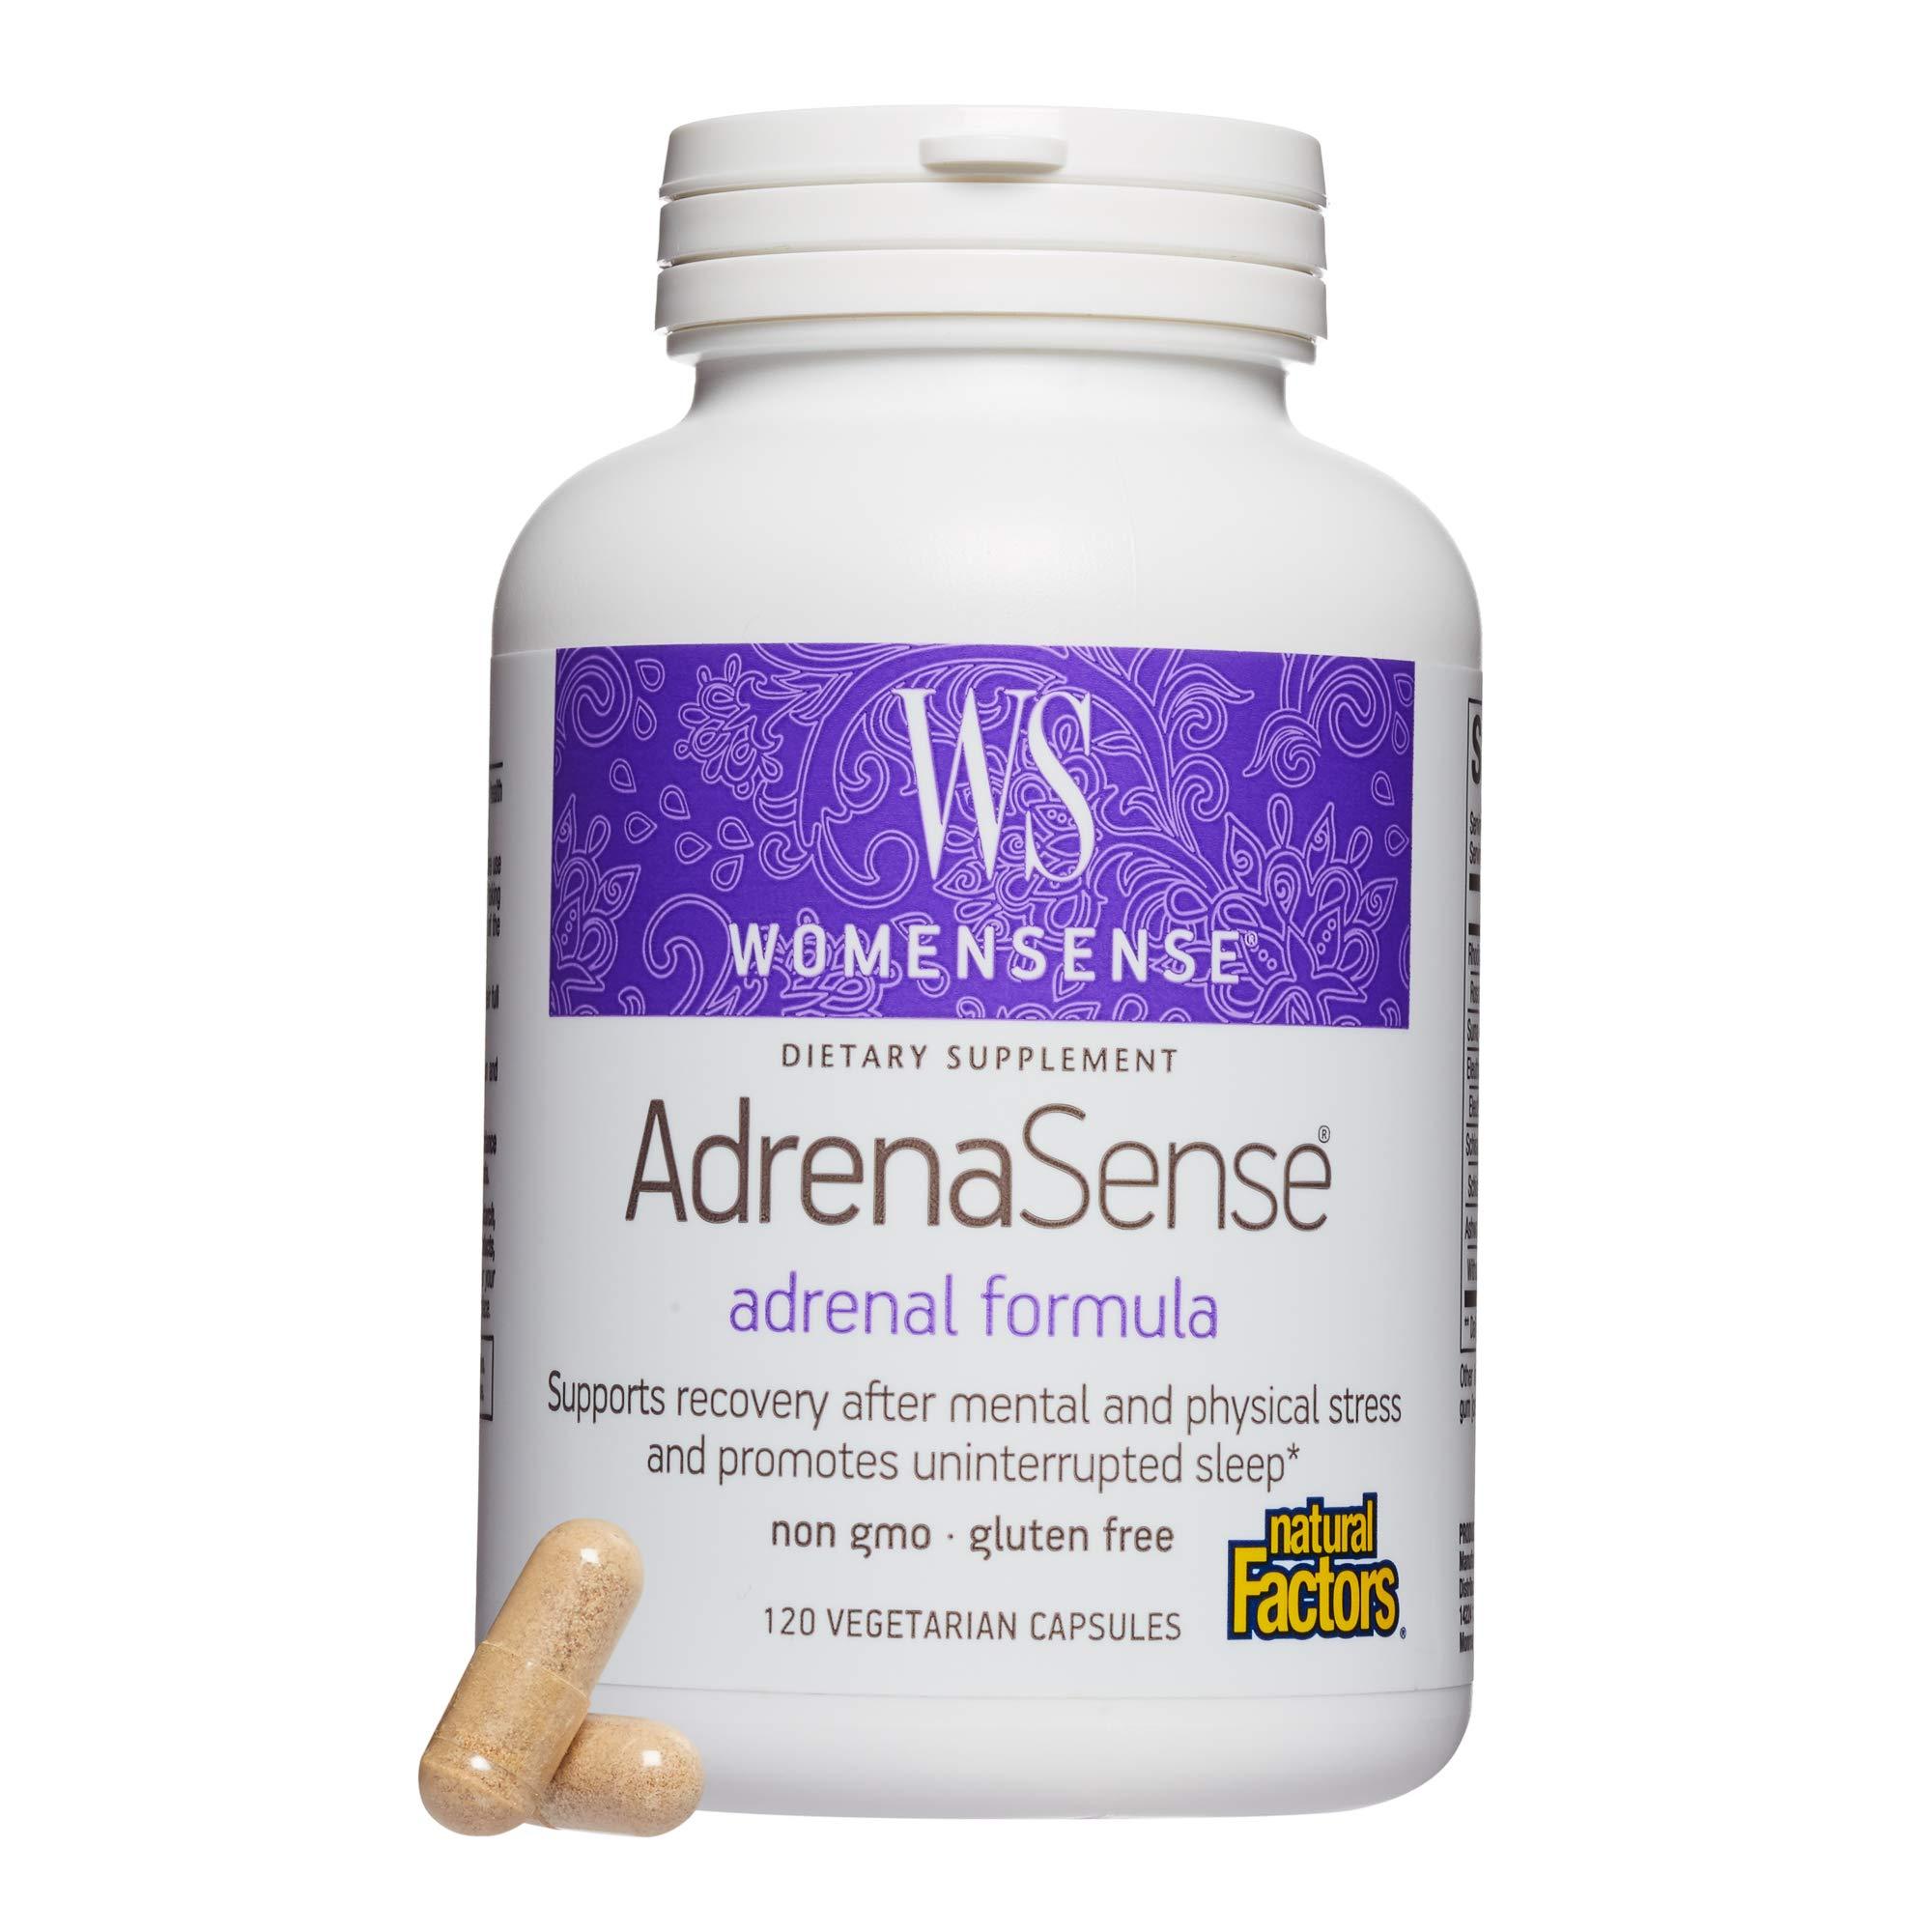 Natural Factors - WomenSense AdrenaSense, Anti-Stress Adrenal Formula, 120 Vegetarian Capsules